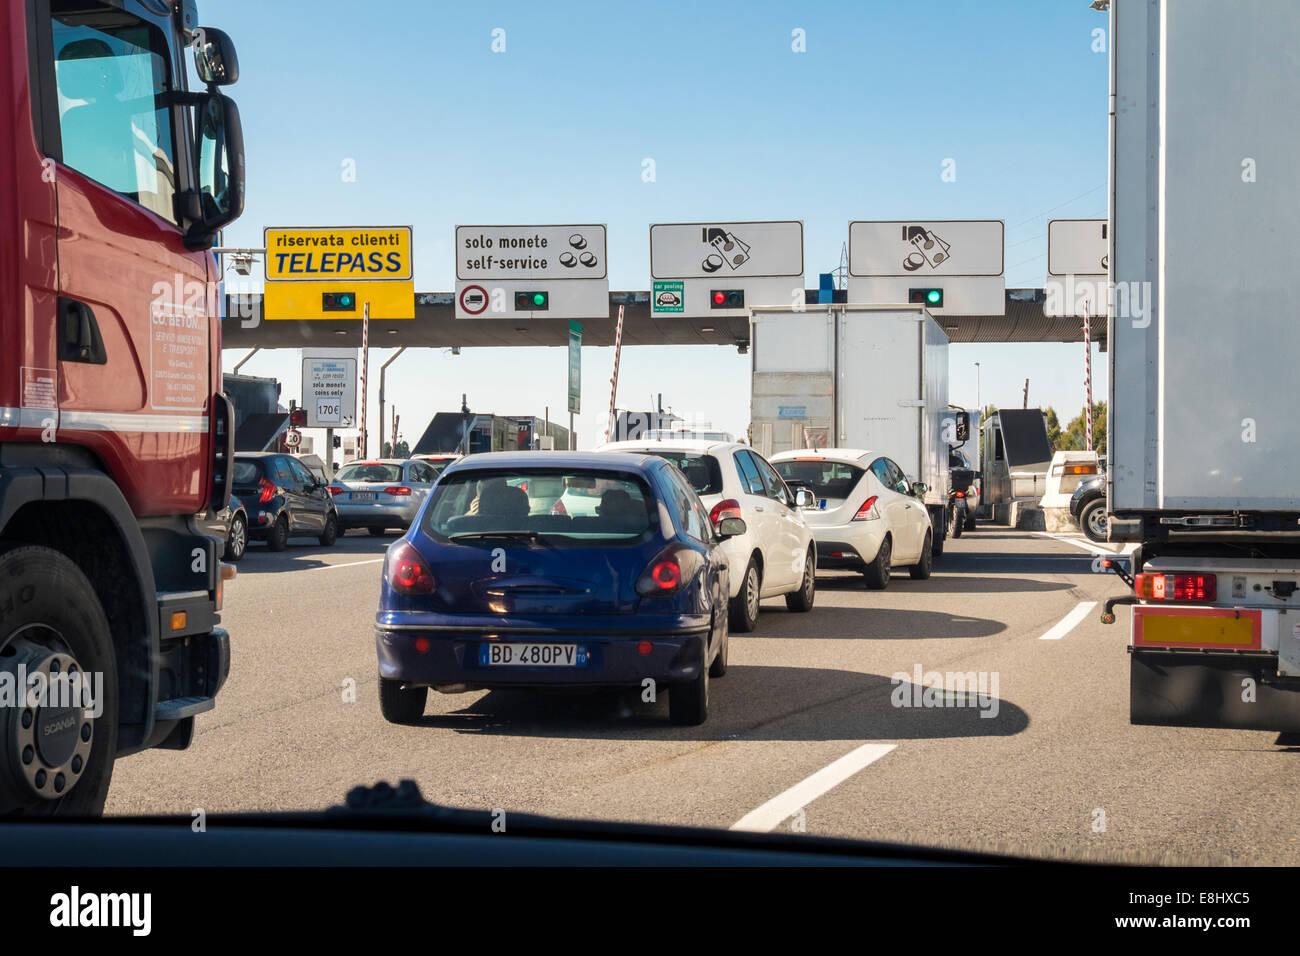 Véhicules d'attente à péage autoroute italienne Photo Stock